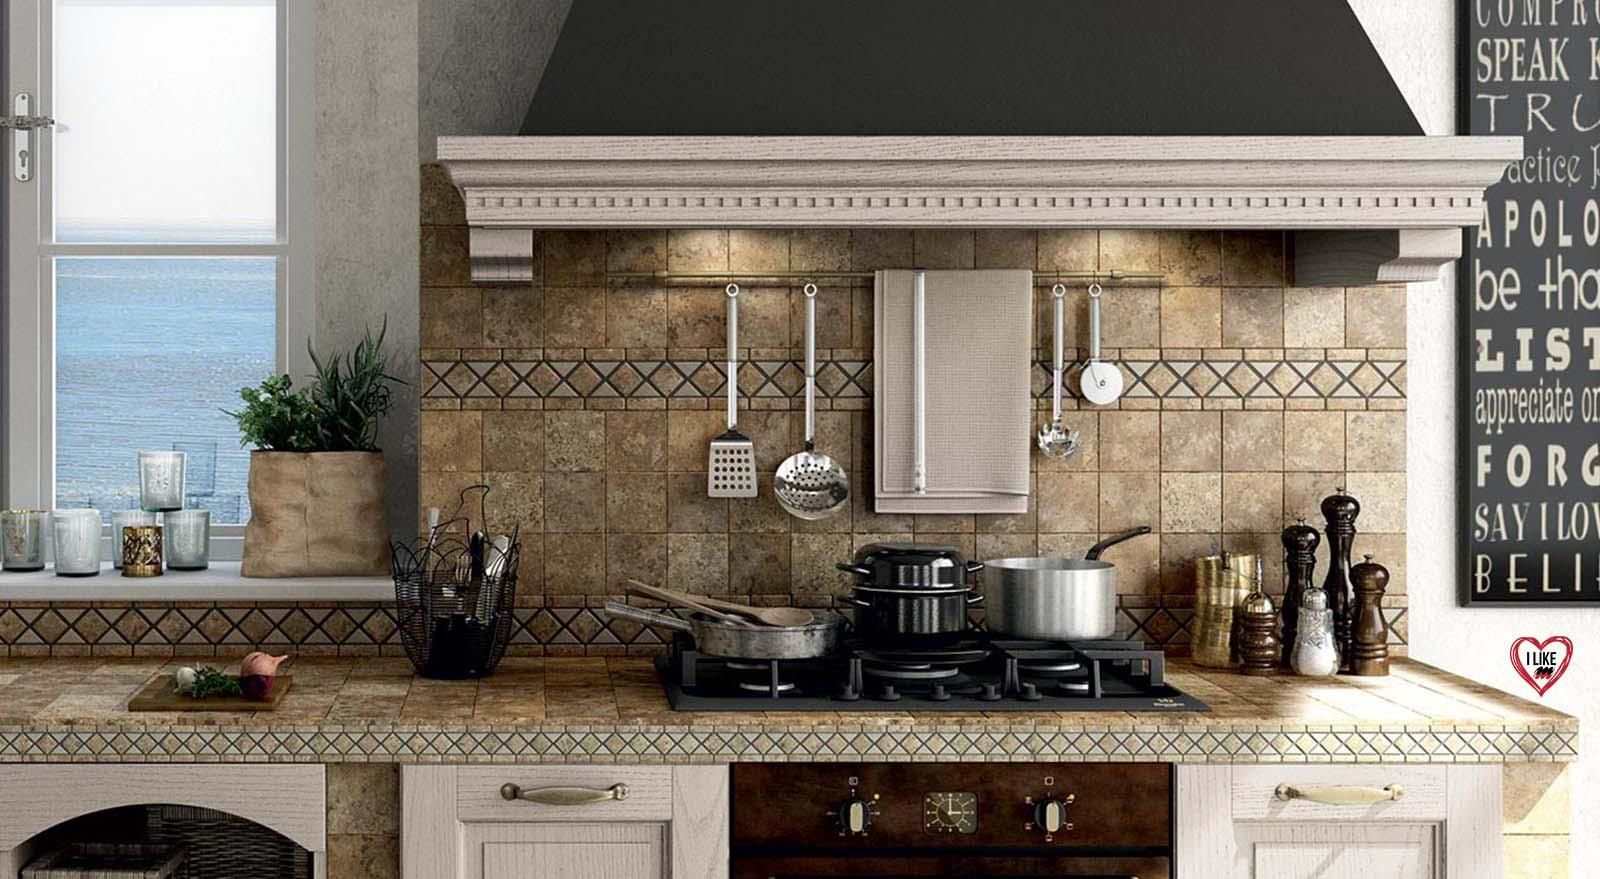 Vendita di cucine classiche in muratura a padova marchio lube - Cucine particolari in muratura ...